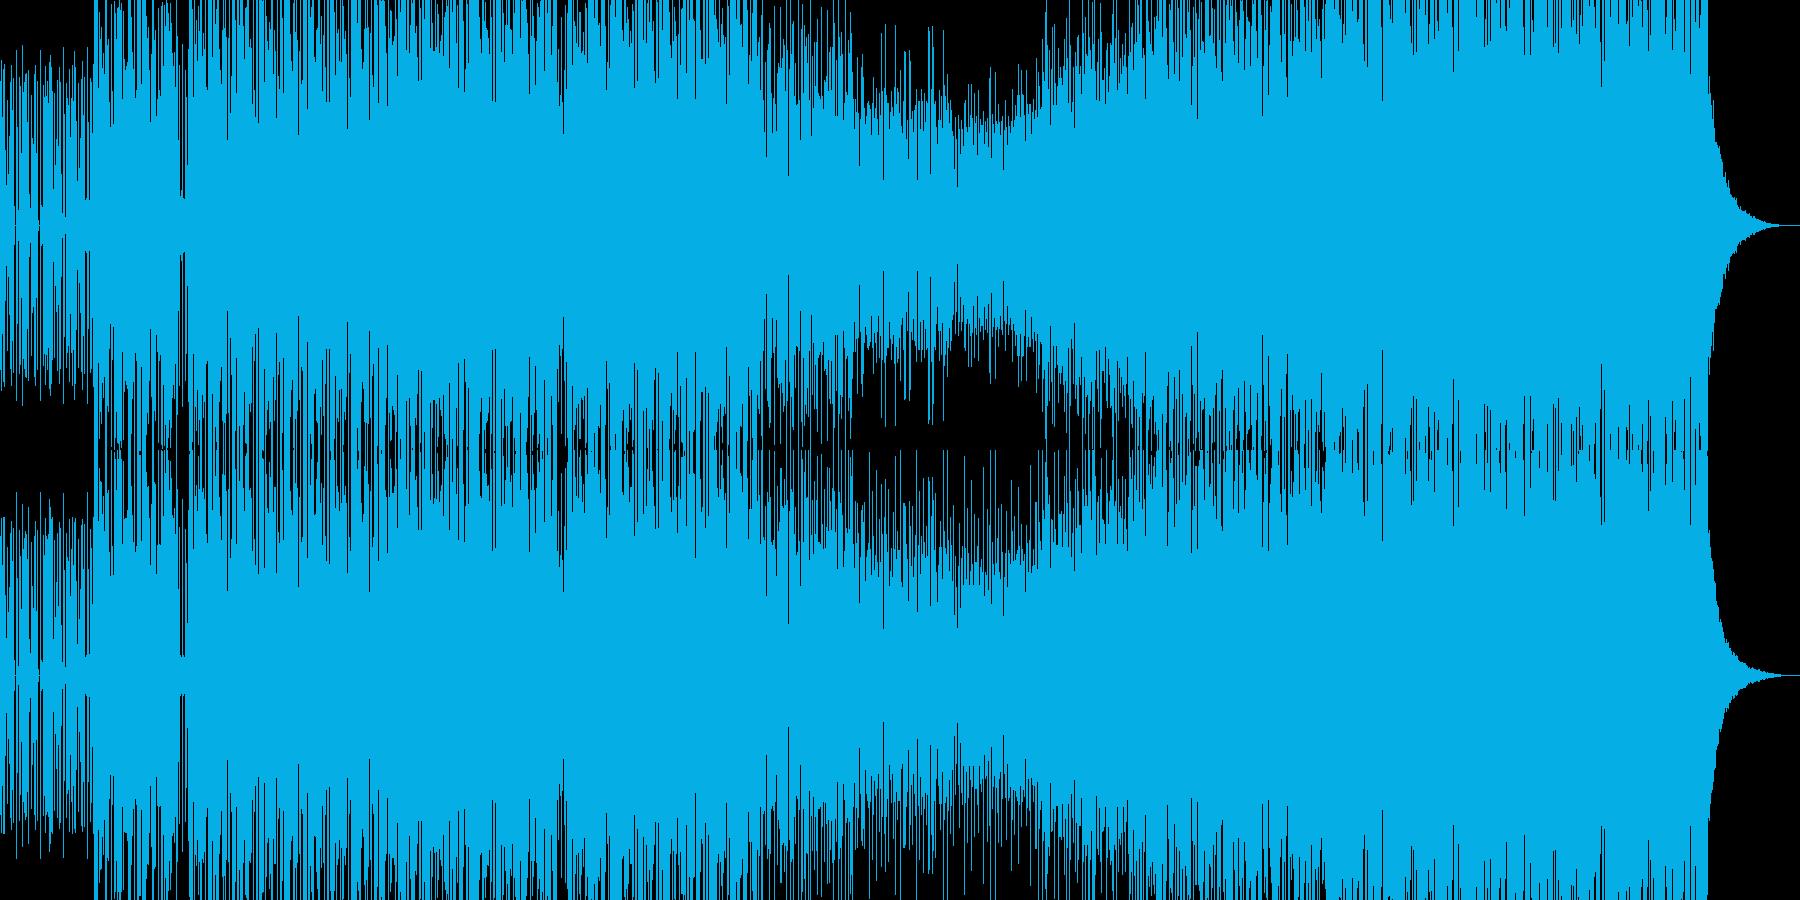 ブレイクビーツBGM3の再生済みの波形